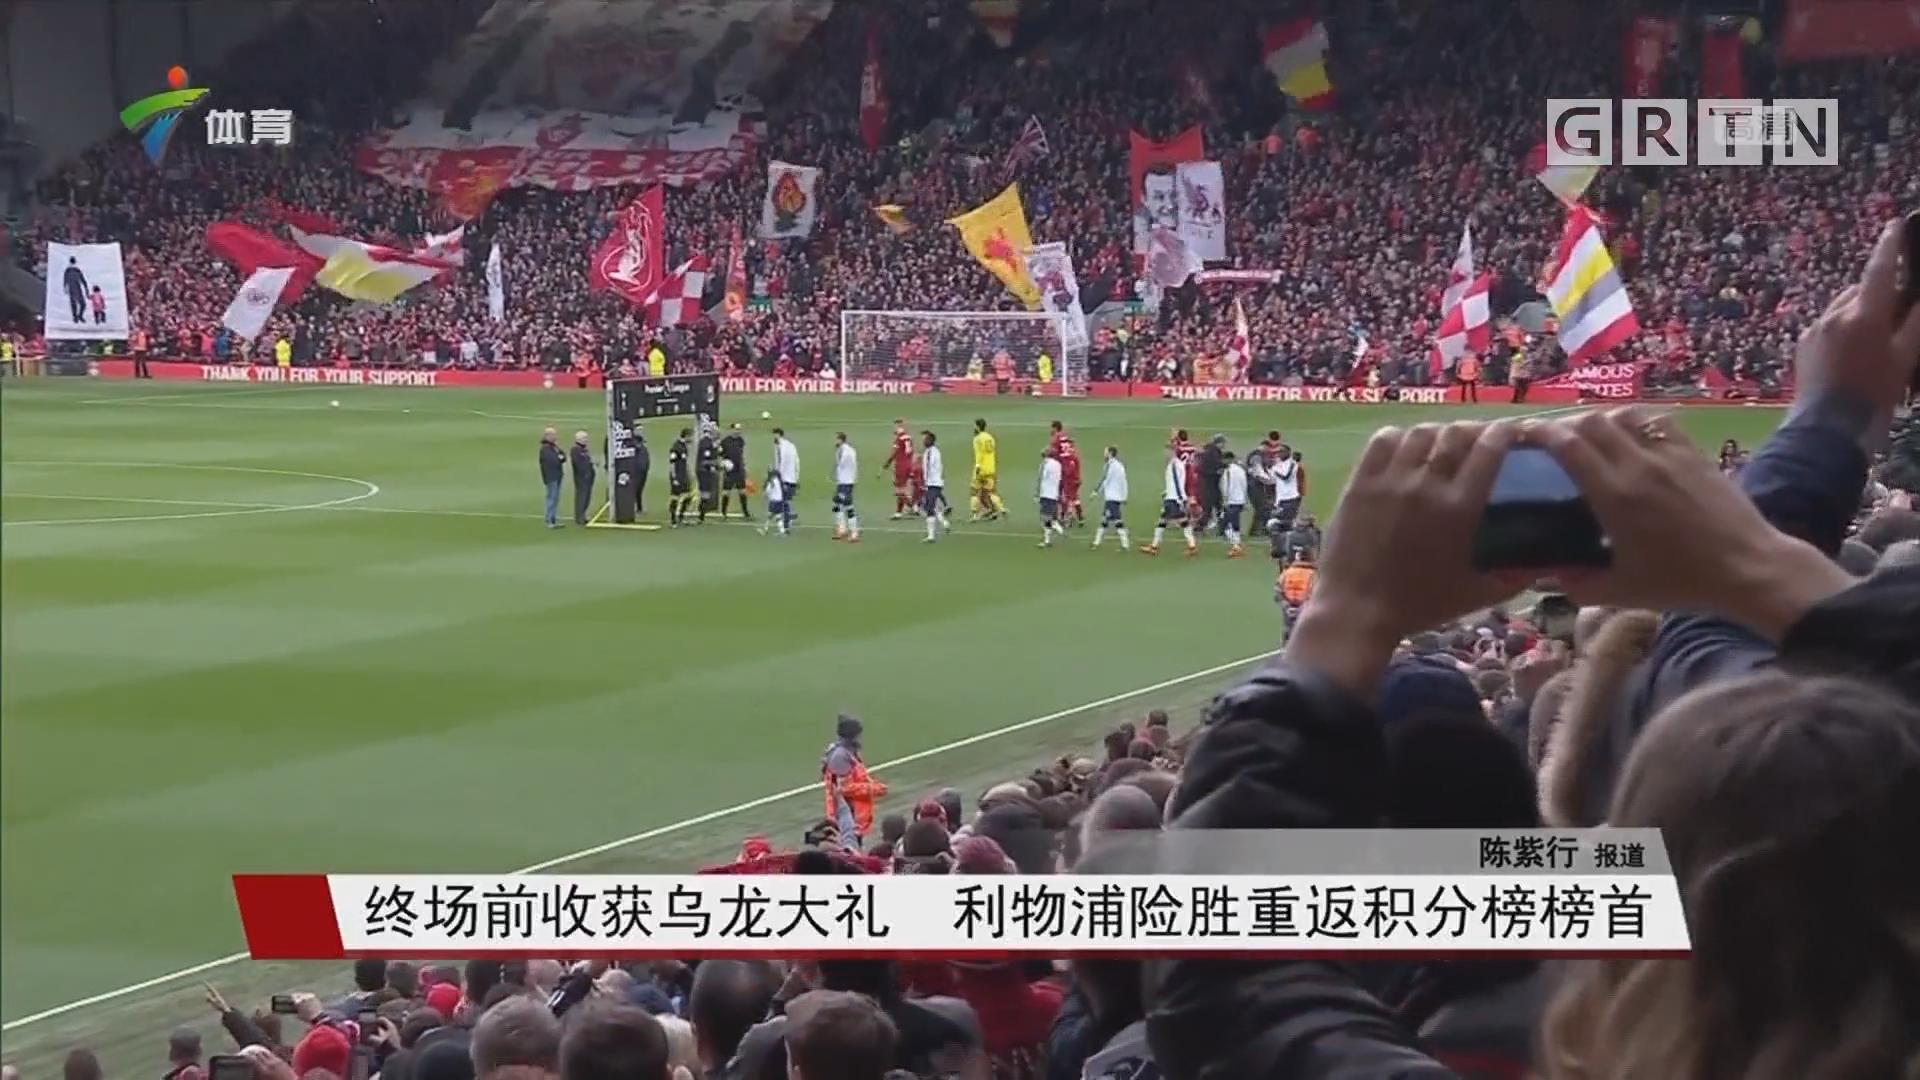 终场前收获乌龙大礼 利物浦险胜重返积分榜榜首